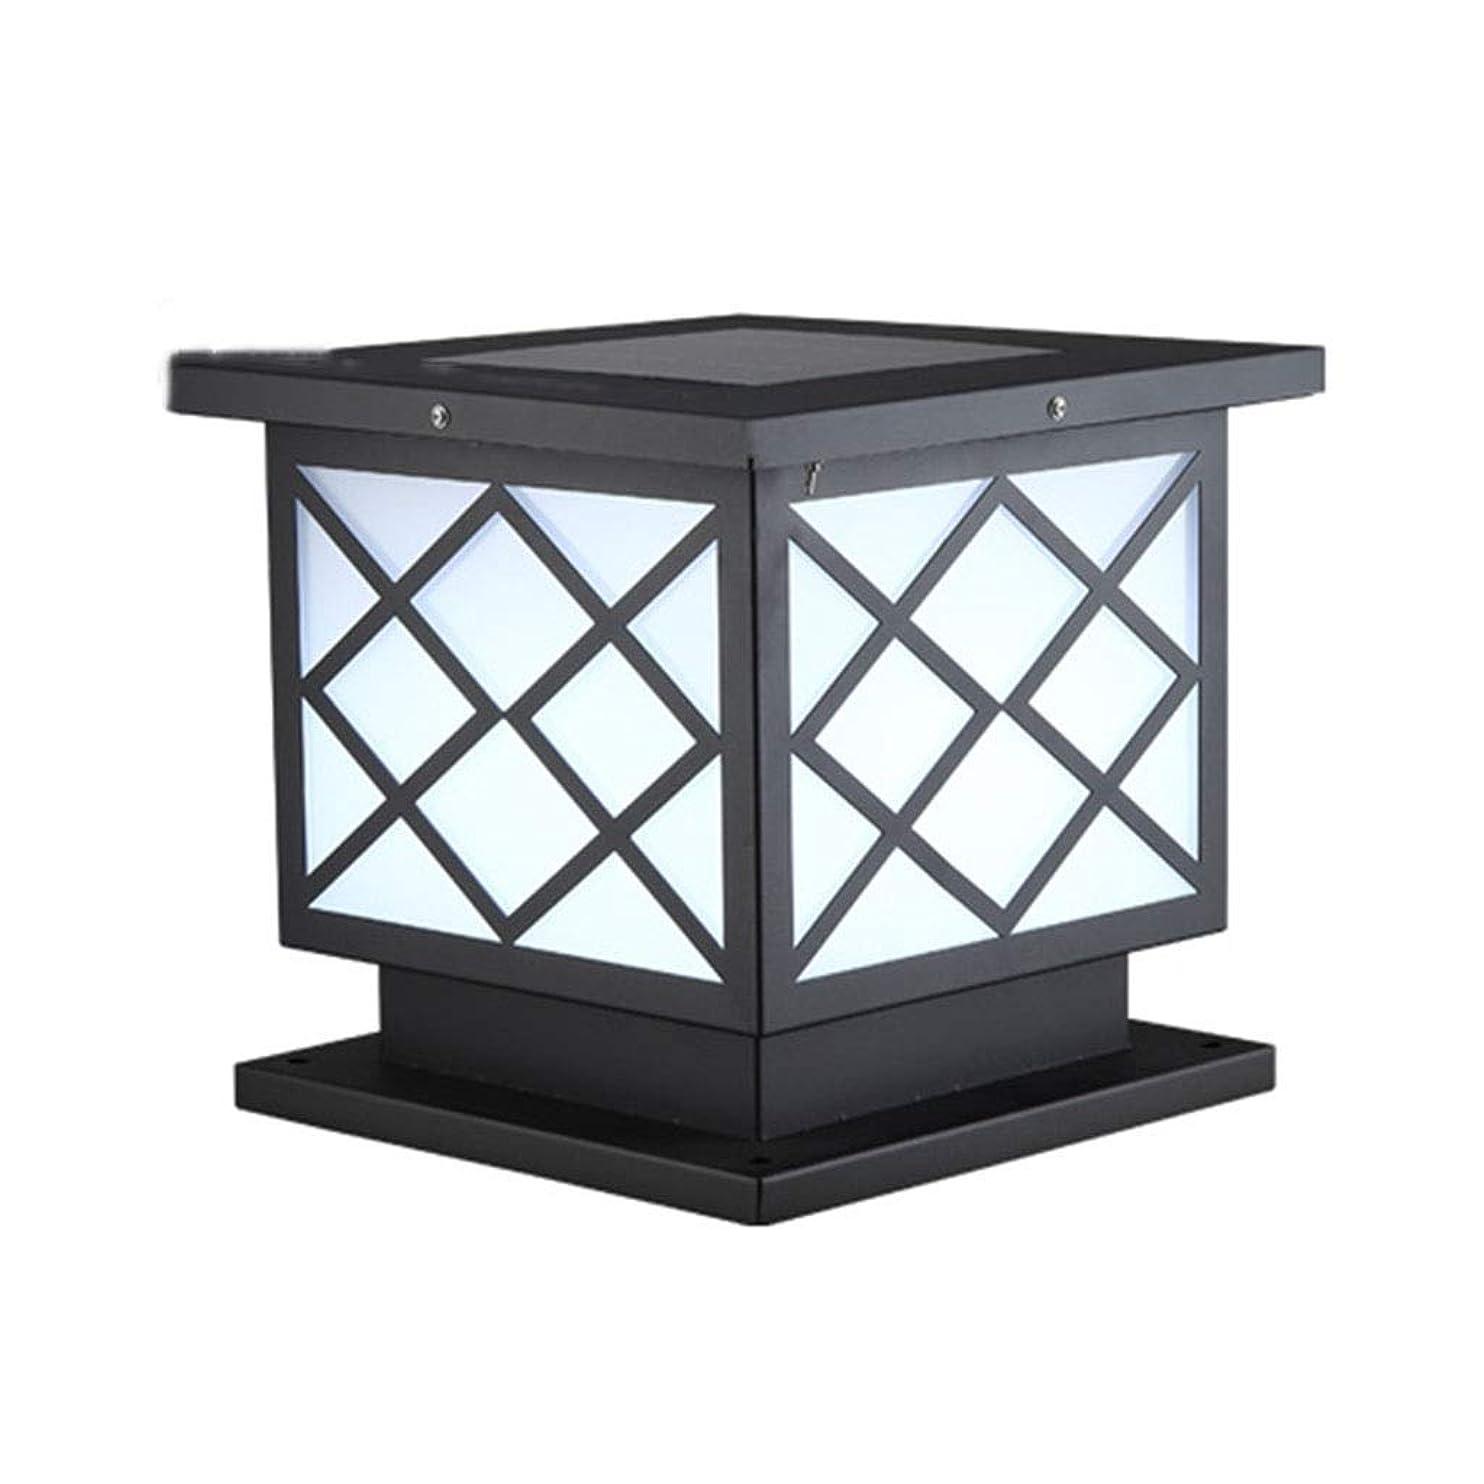 シプリー相反する敬意を表してソーラーコラムヘッドライト 屋外用防水ヴィラガーデンライト 屋外用壁面ライト 壁面ライト (Color : White light, Size : 22*25*26cm)